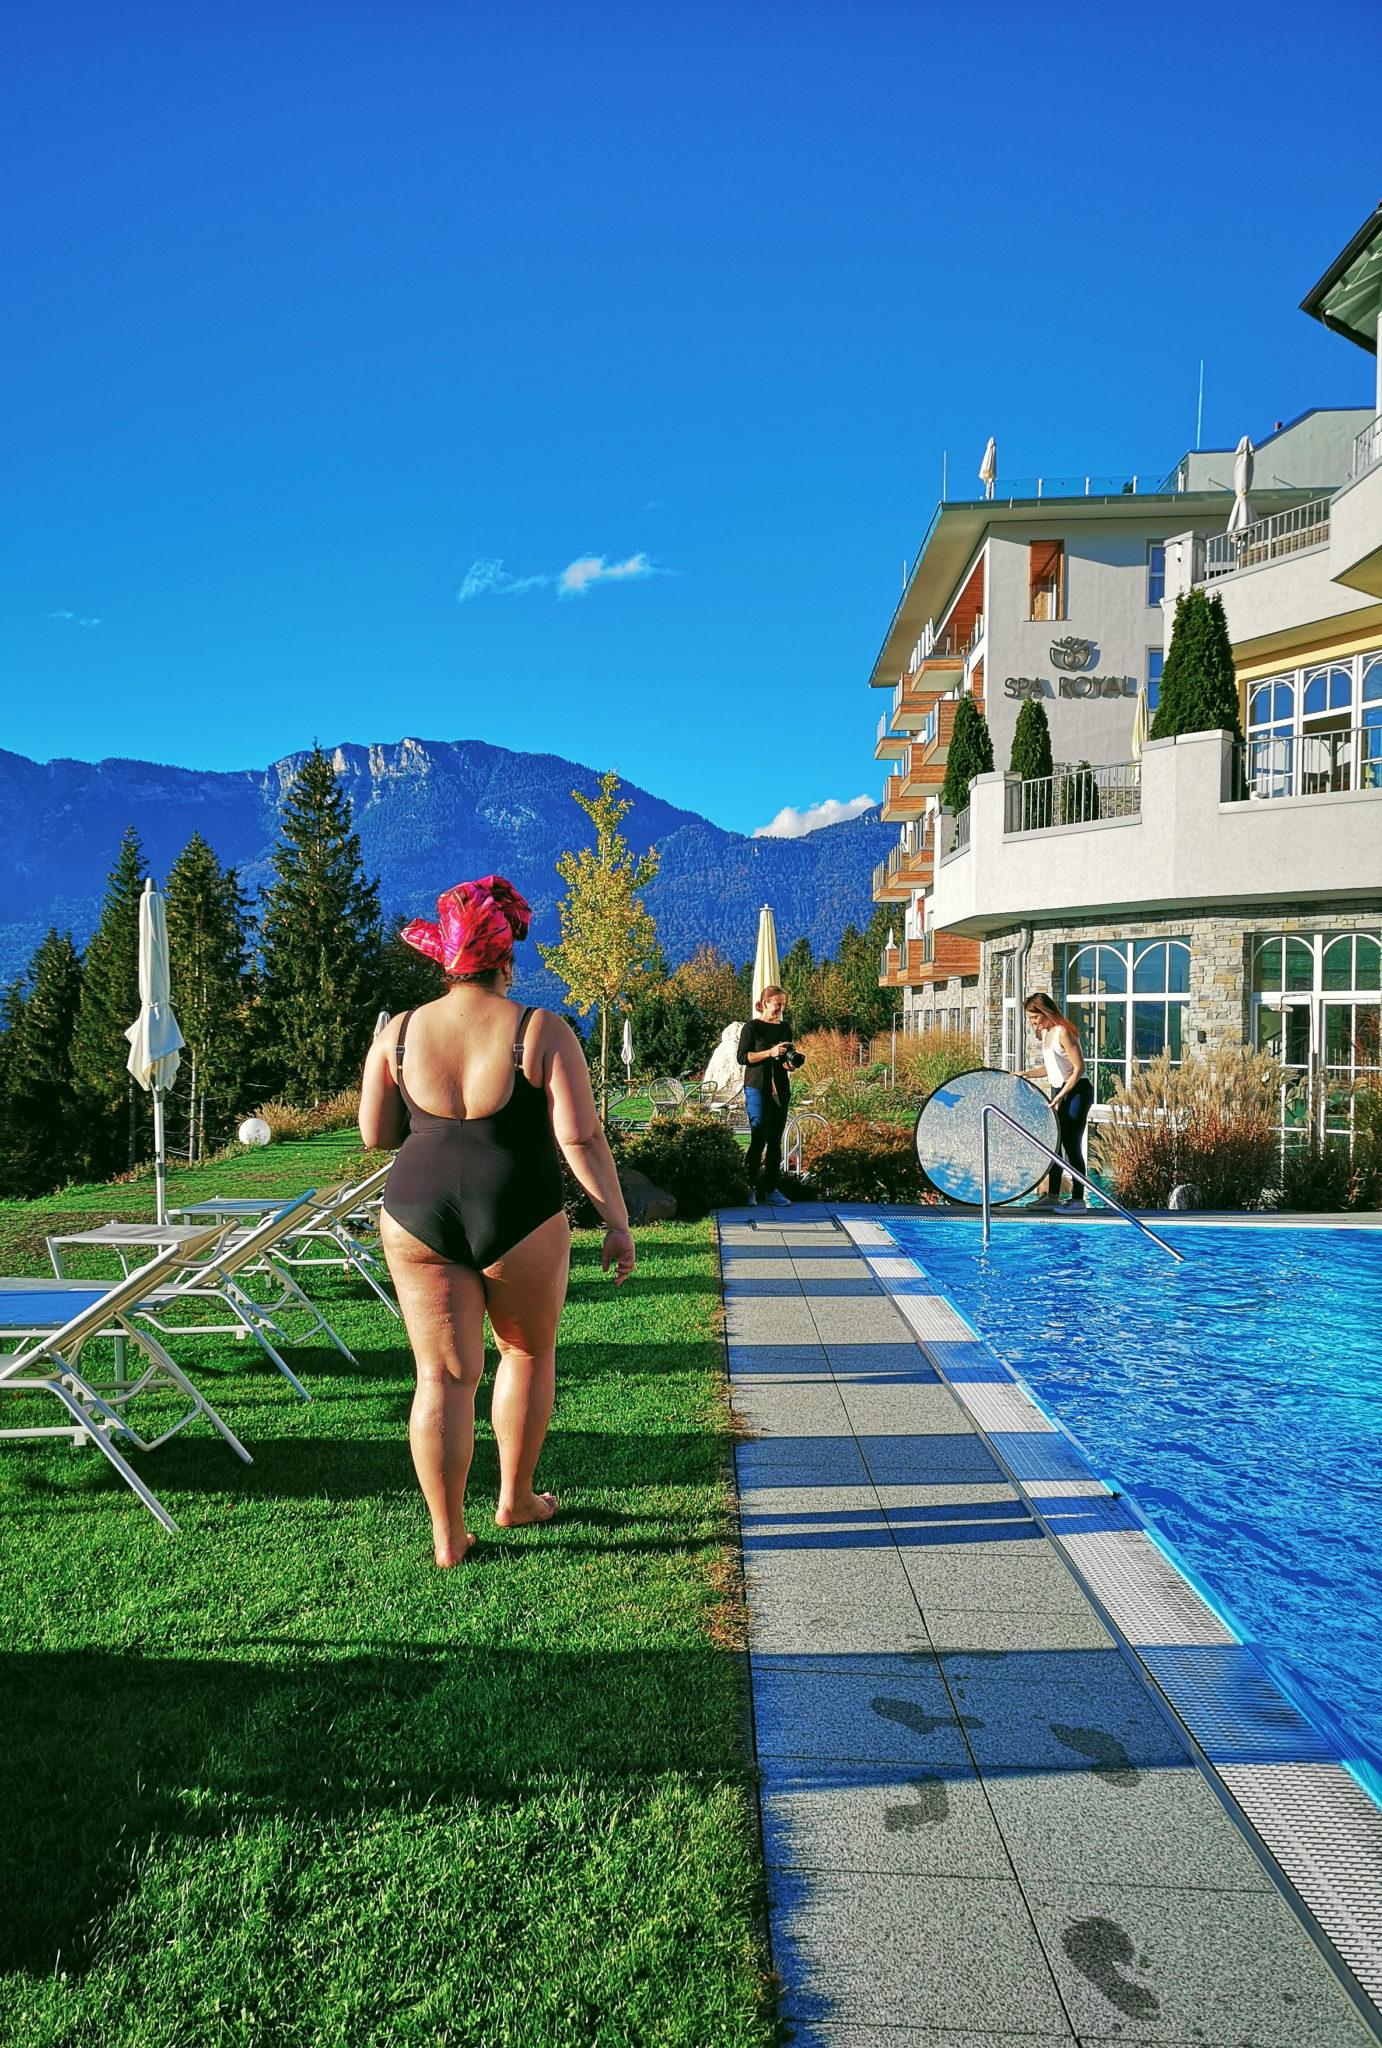 Widok na kawałek basenu i hotelu, Ula w kositumie kąpielowym i turbanie widzie w kierunku fotografki